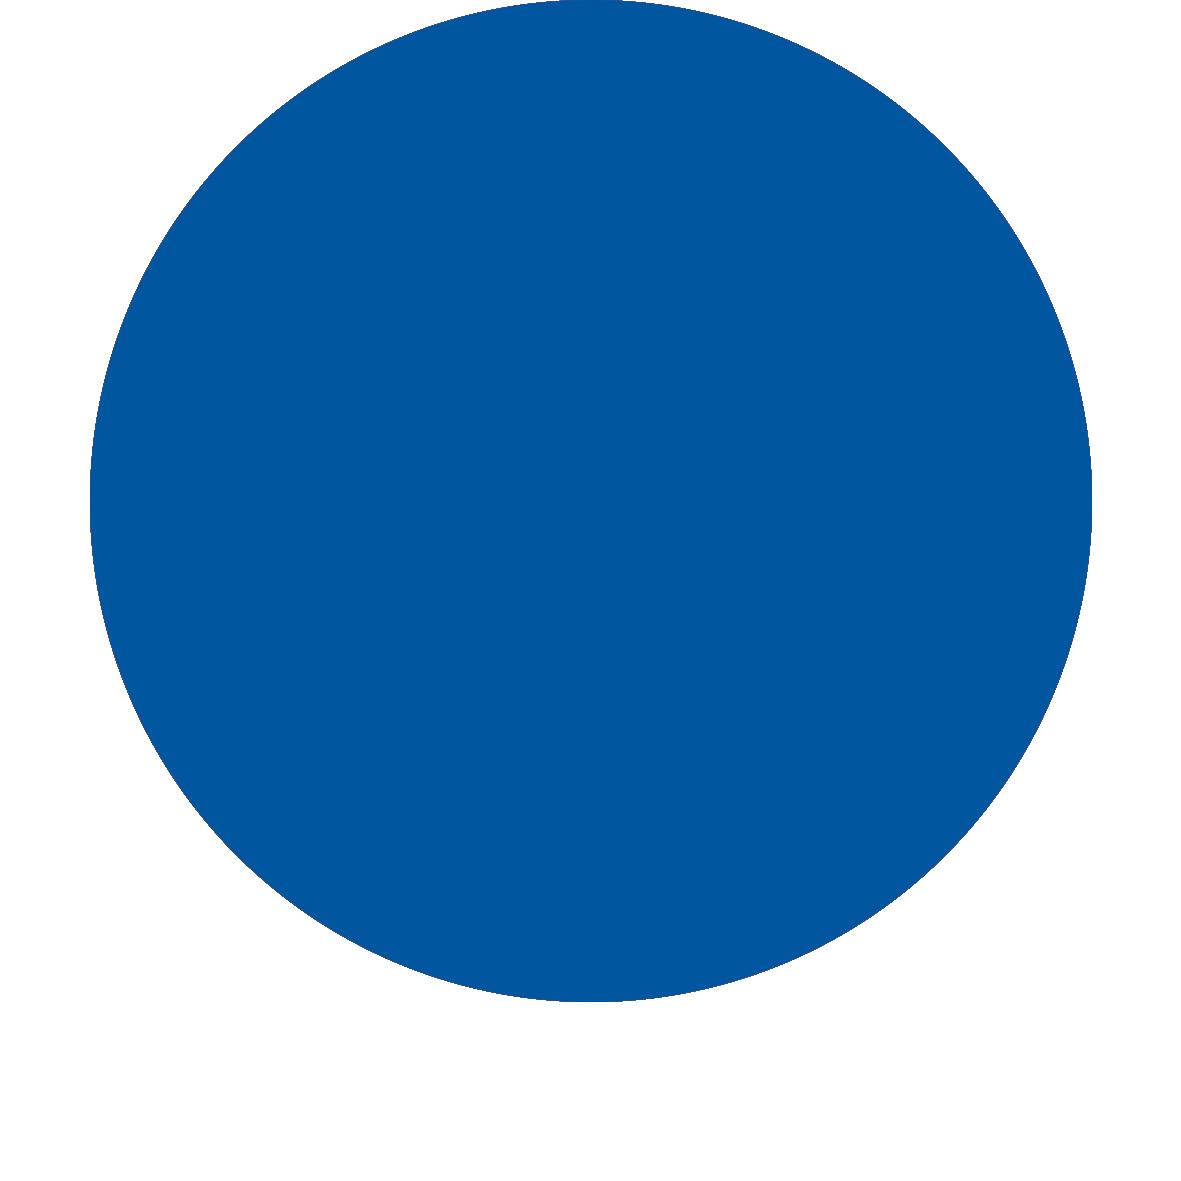 C.I. Blue 15.0(Blue B) -